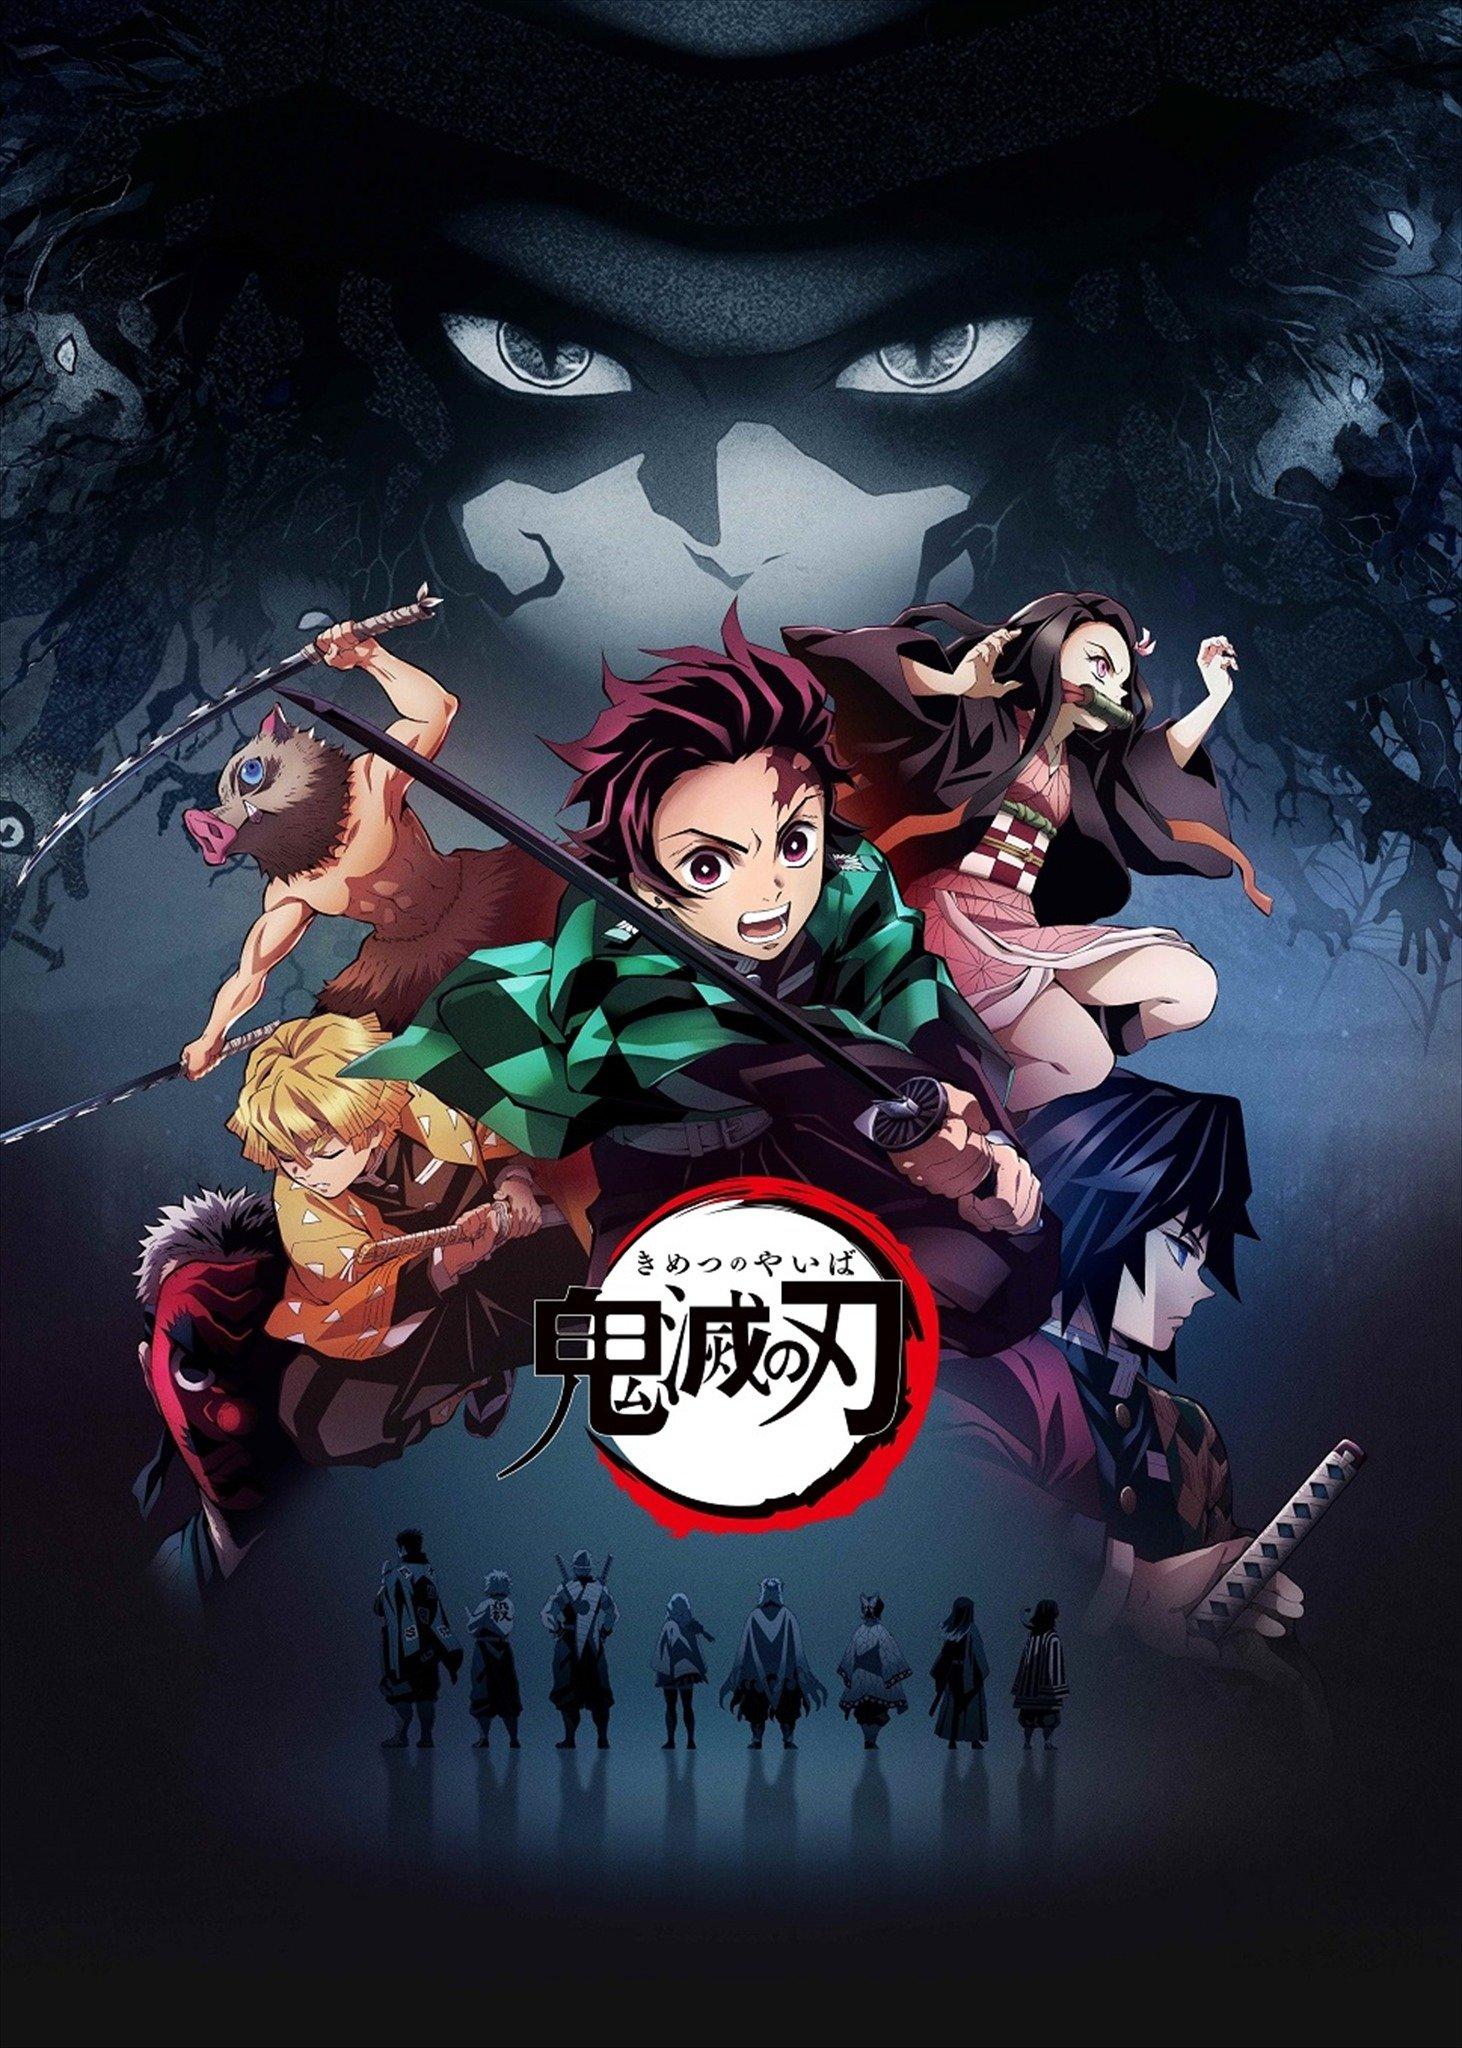 http://www.animezonedex.com/2021/07/kimetsu-no-yaiba.html